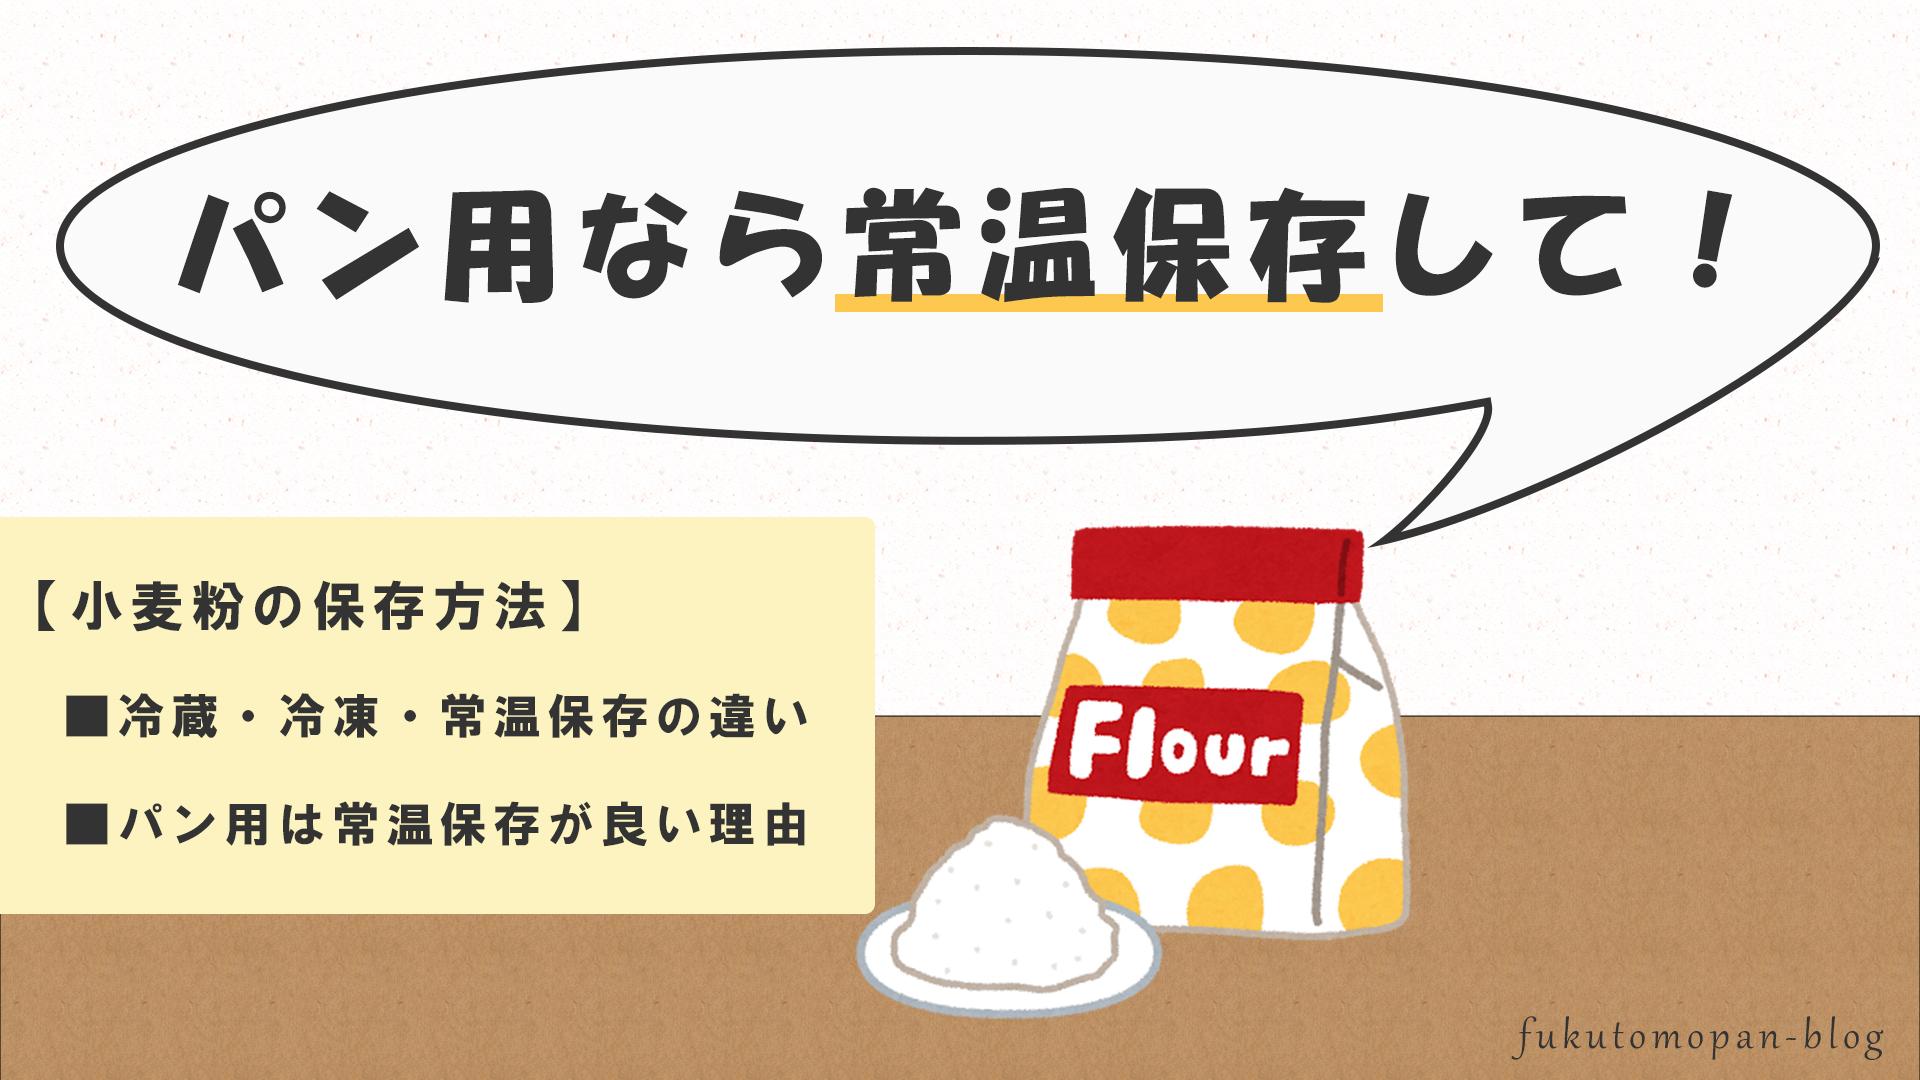 パン用小麦粉の保存方法は常温が良い理由を解説